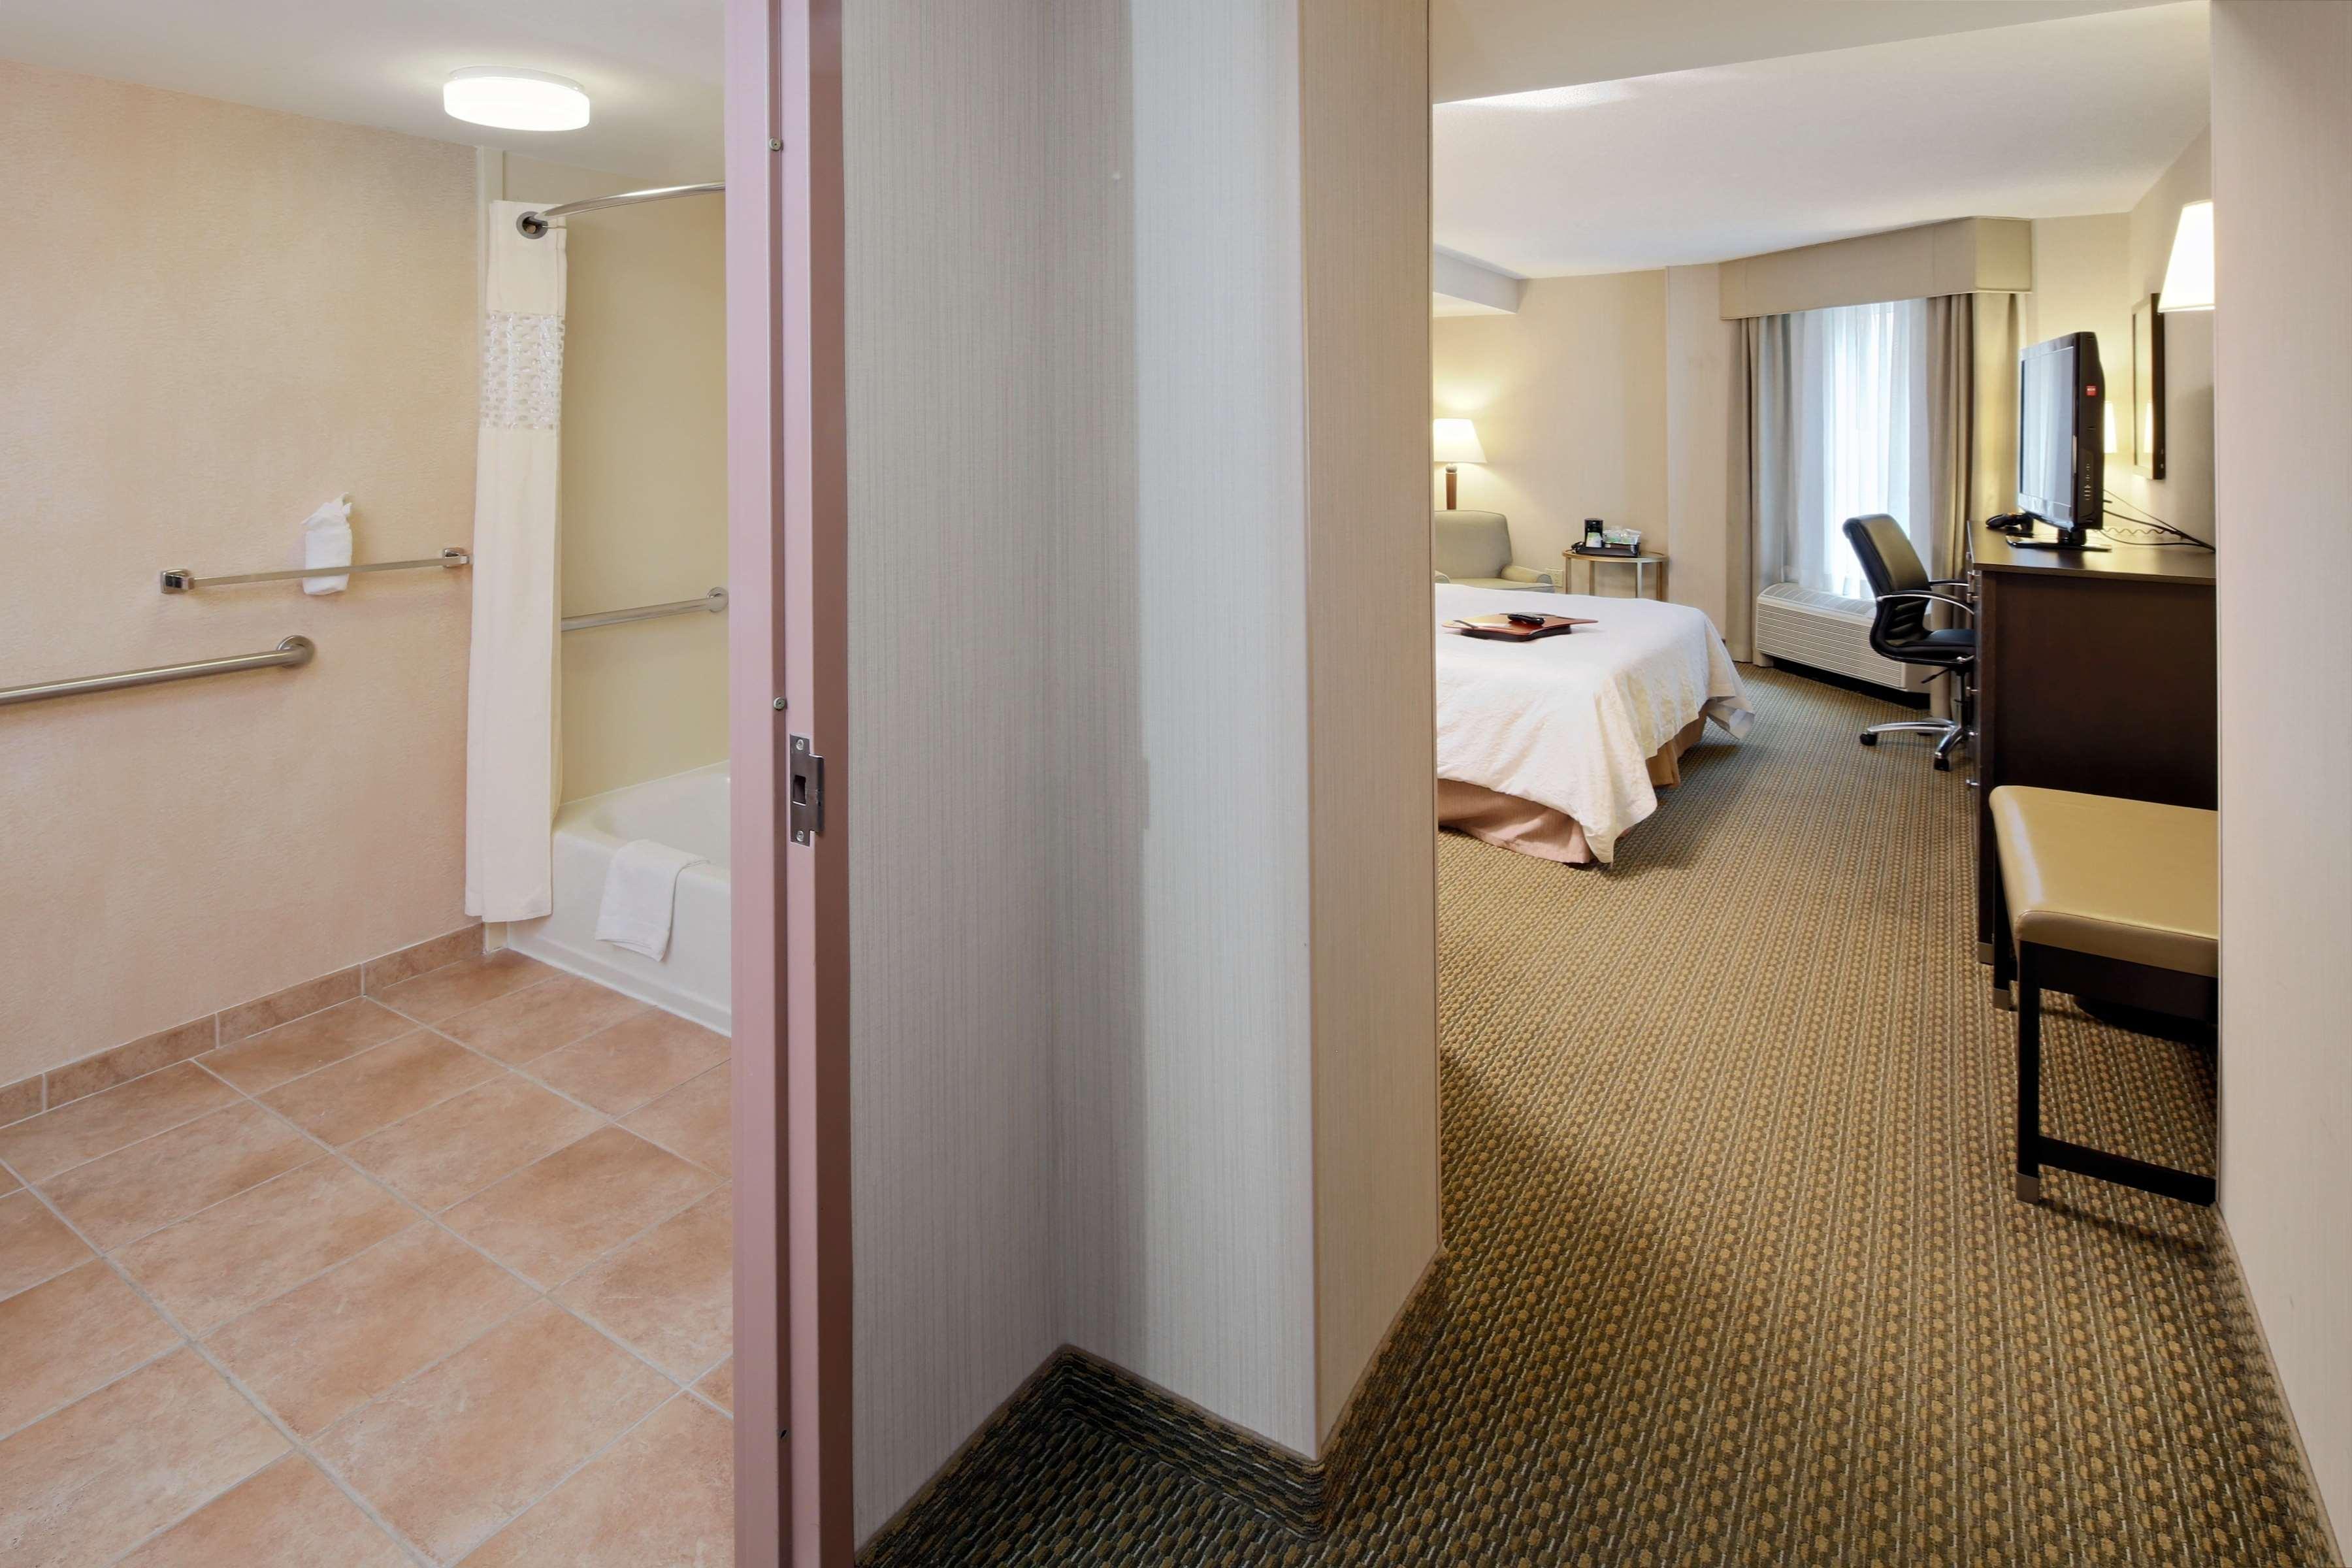 Hampton Inn & Suites Reagan National Airport image 16